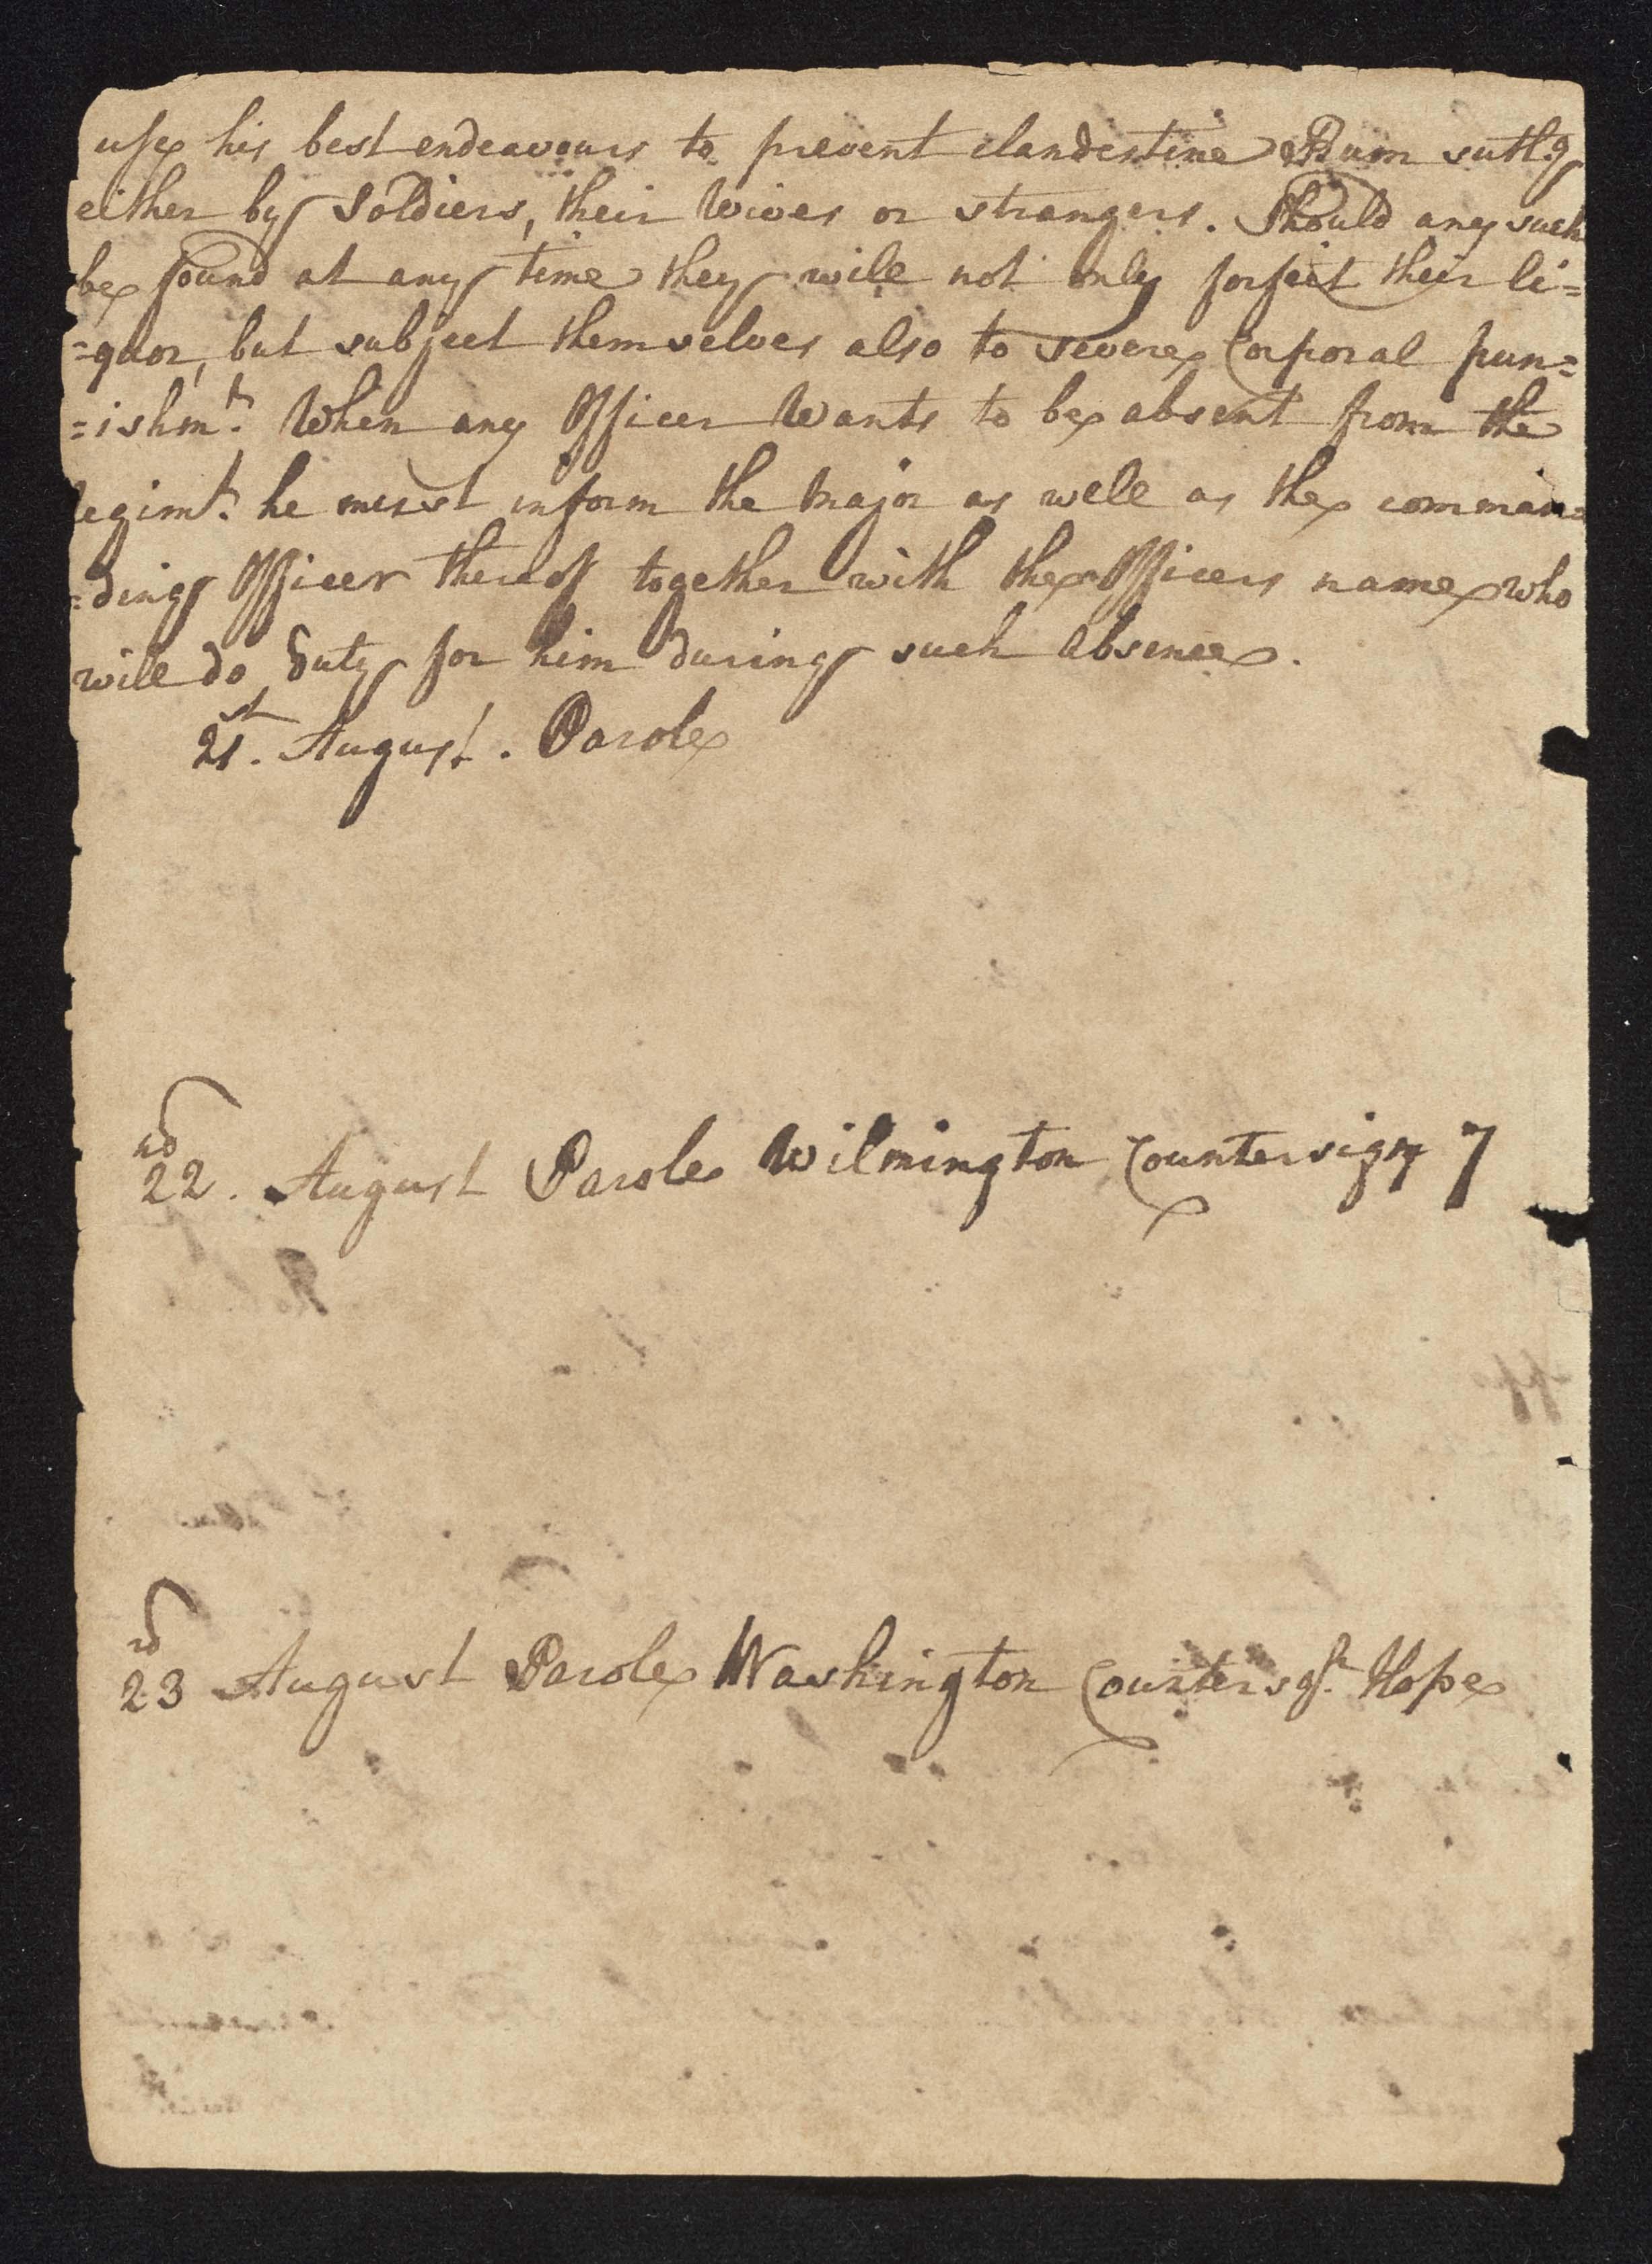 South Carolina Regiment Order Book, Page 170